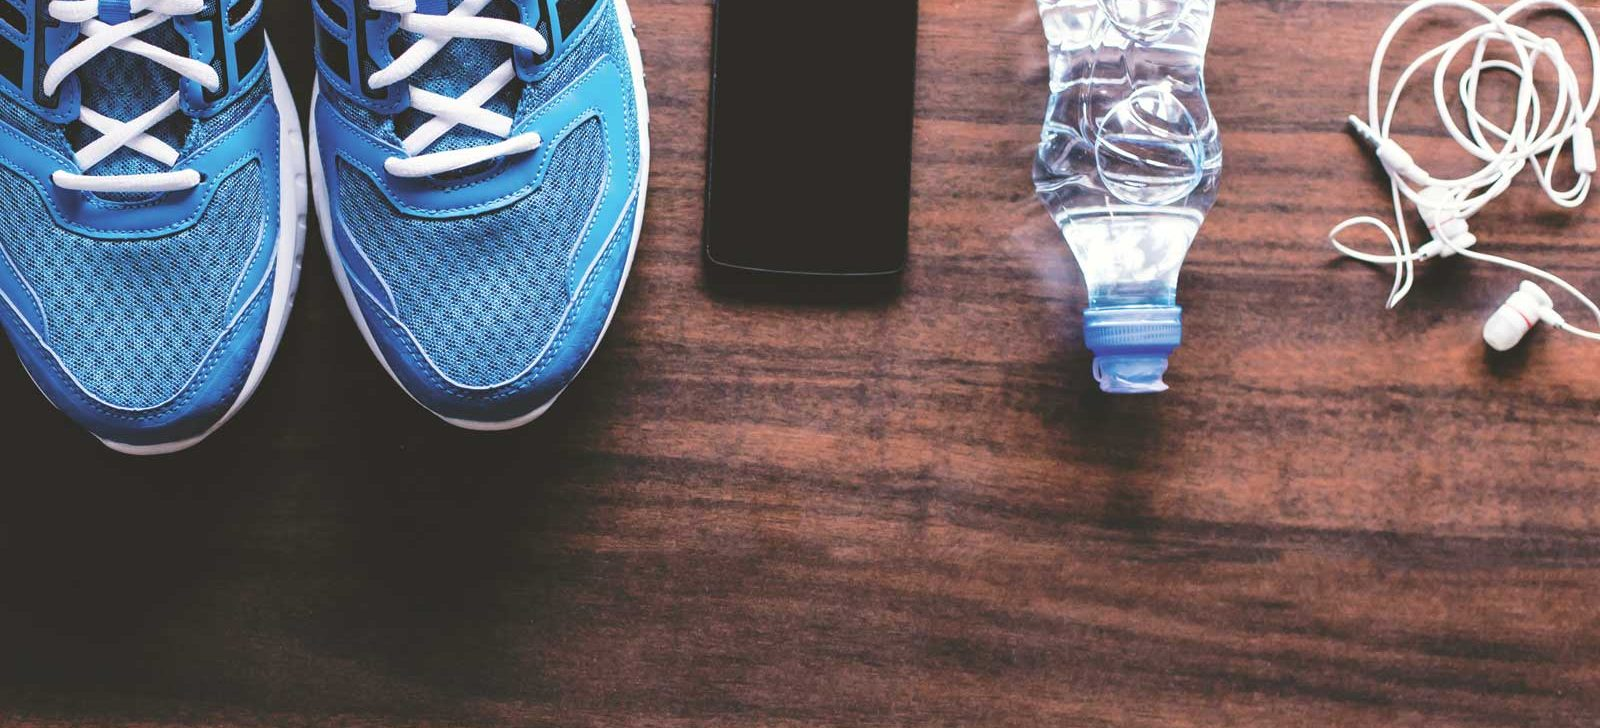 Shoes, phone, water bottle, earplugs